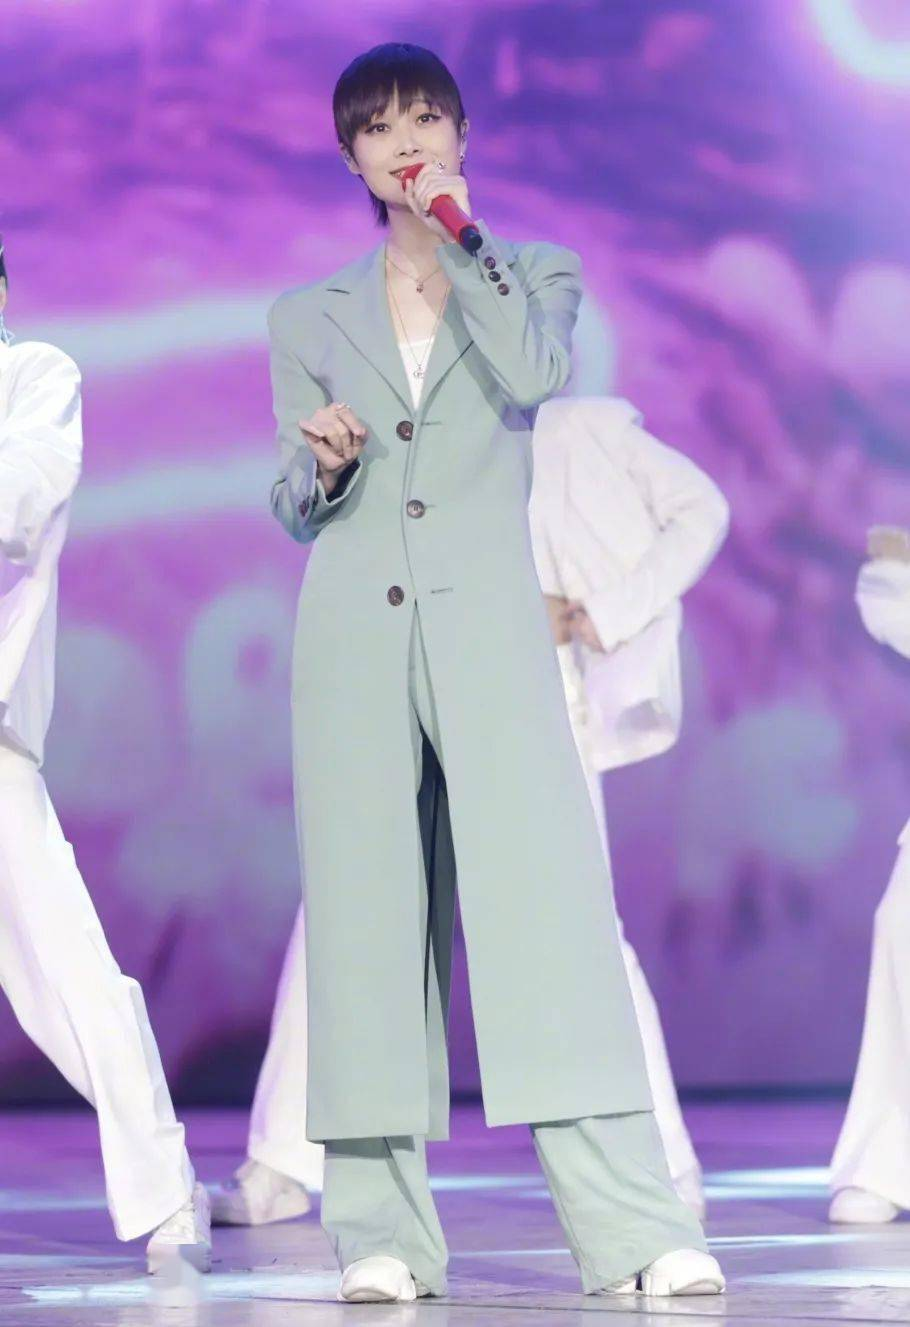 时尚圈真的都很喜欢李宇春吗?